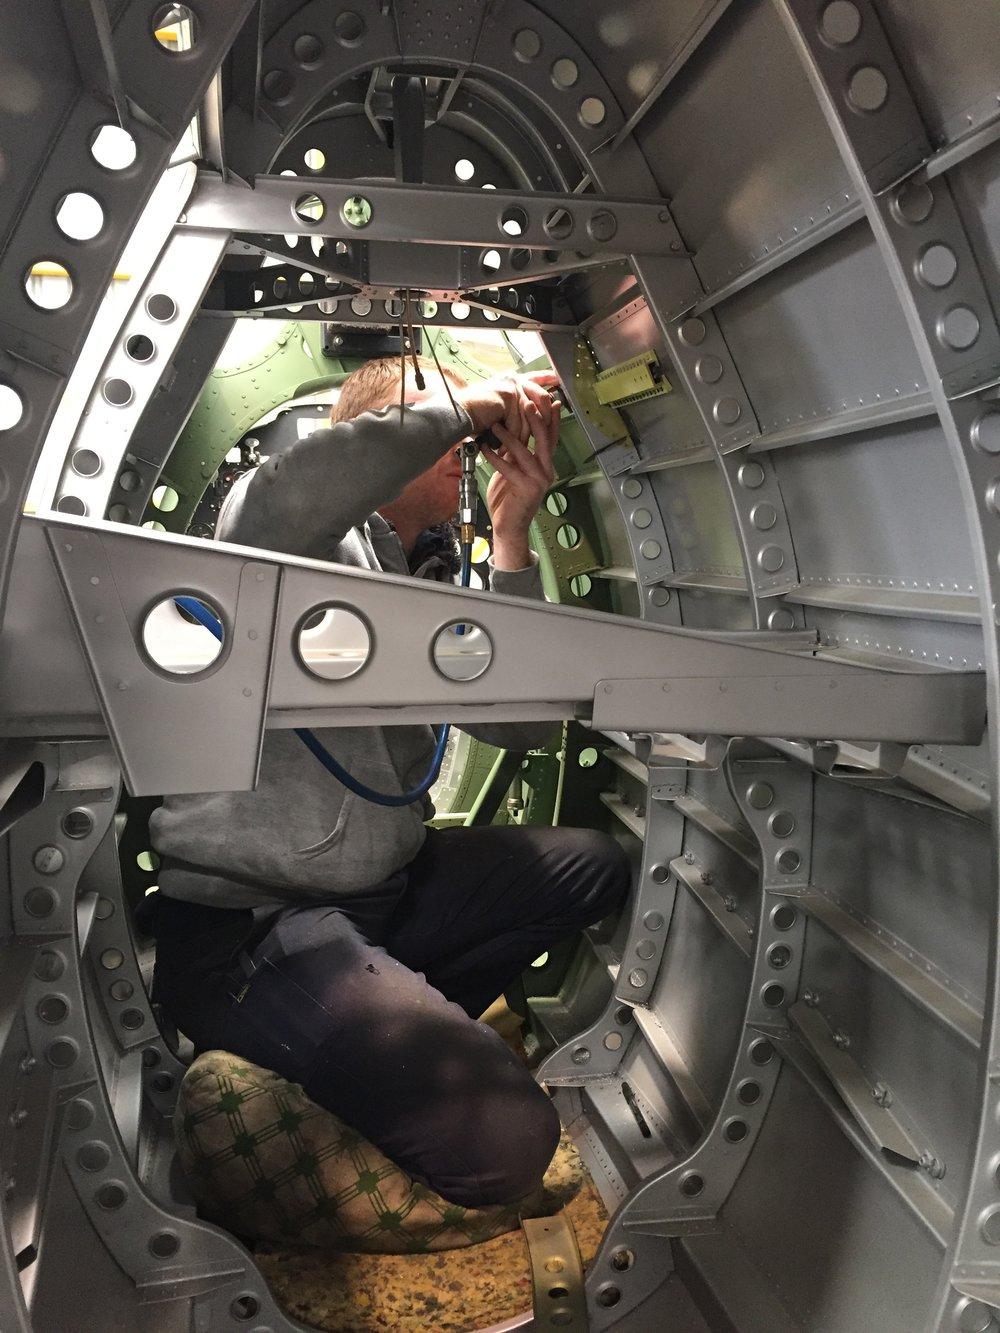 Engineer Sean Fox inside the fuselage